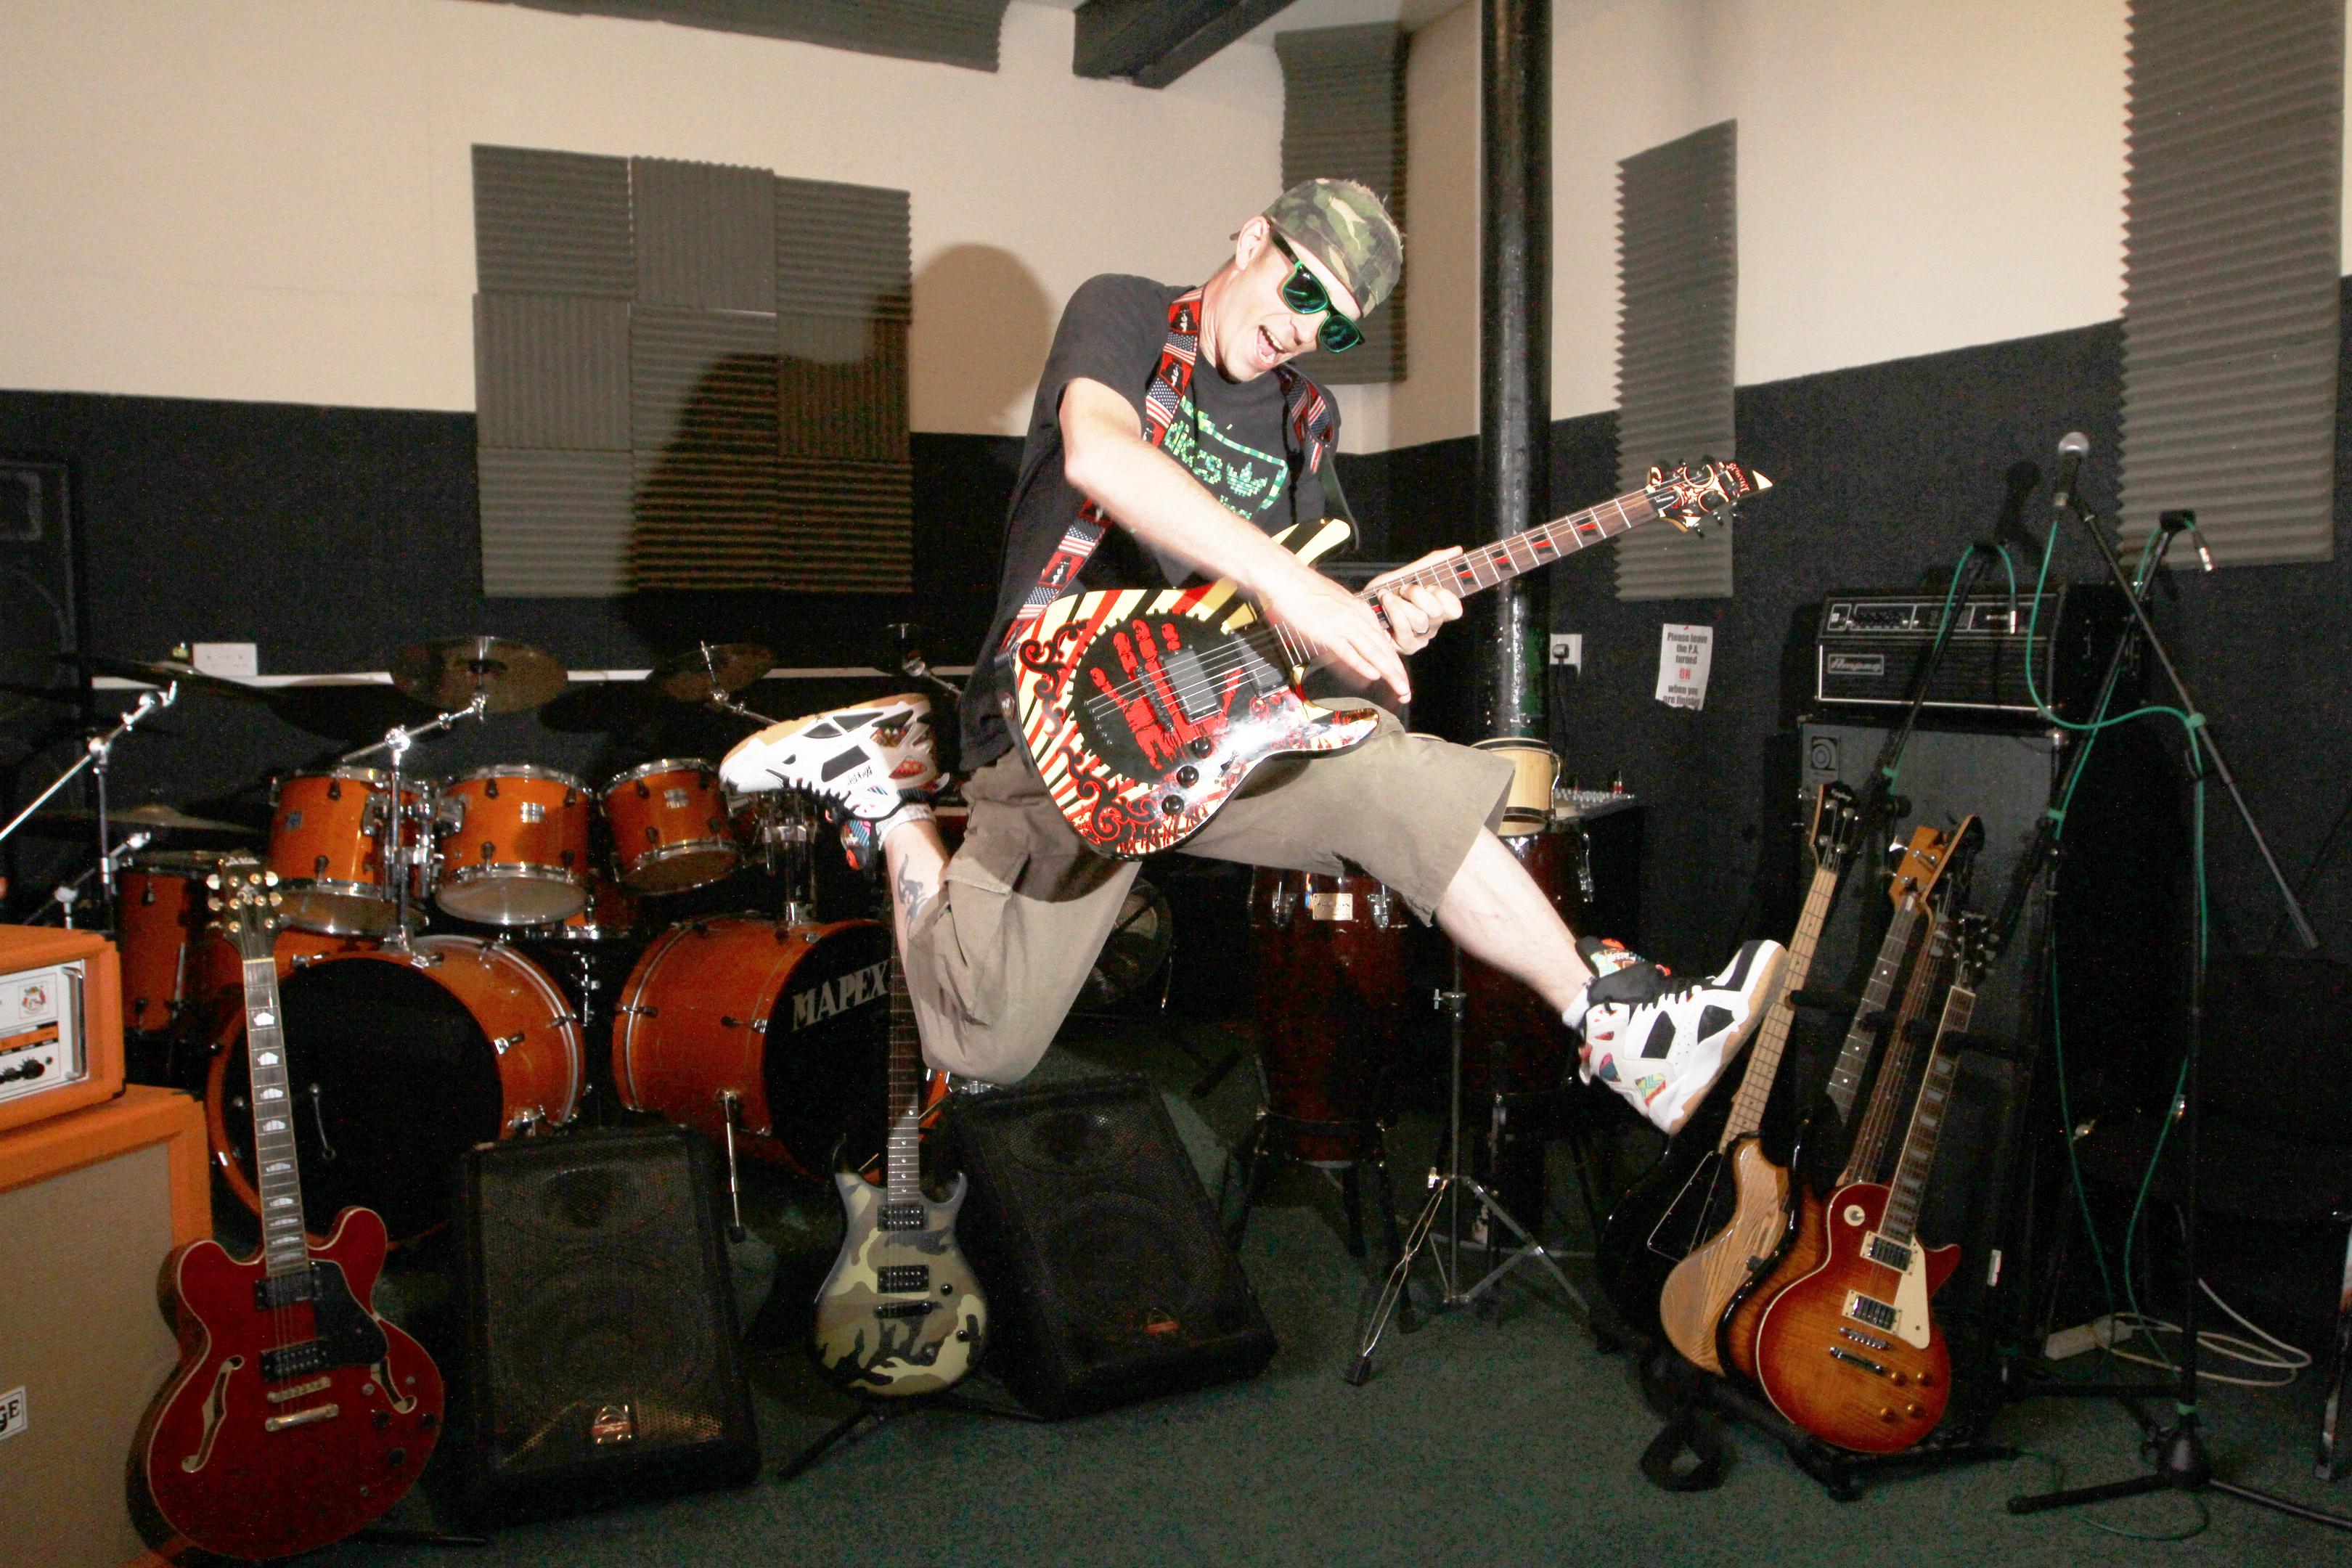 Tristan Button, owner of DM Studios.